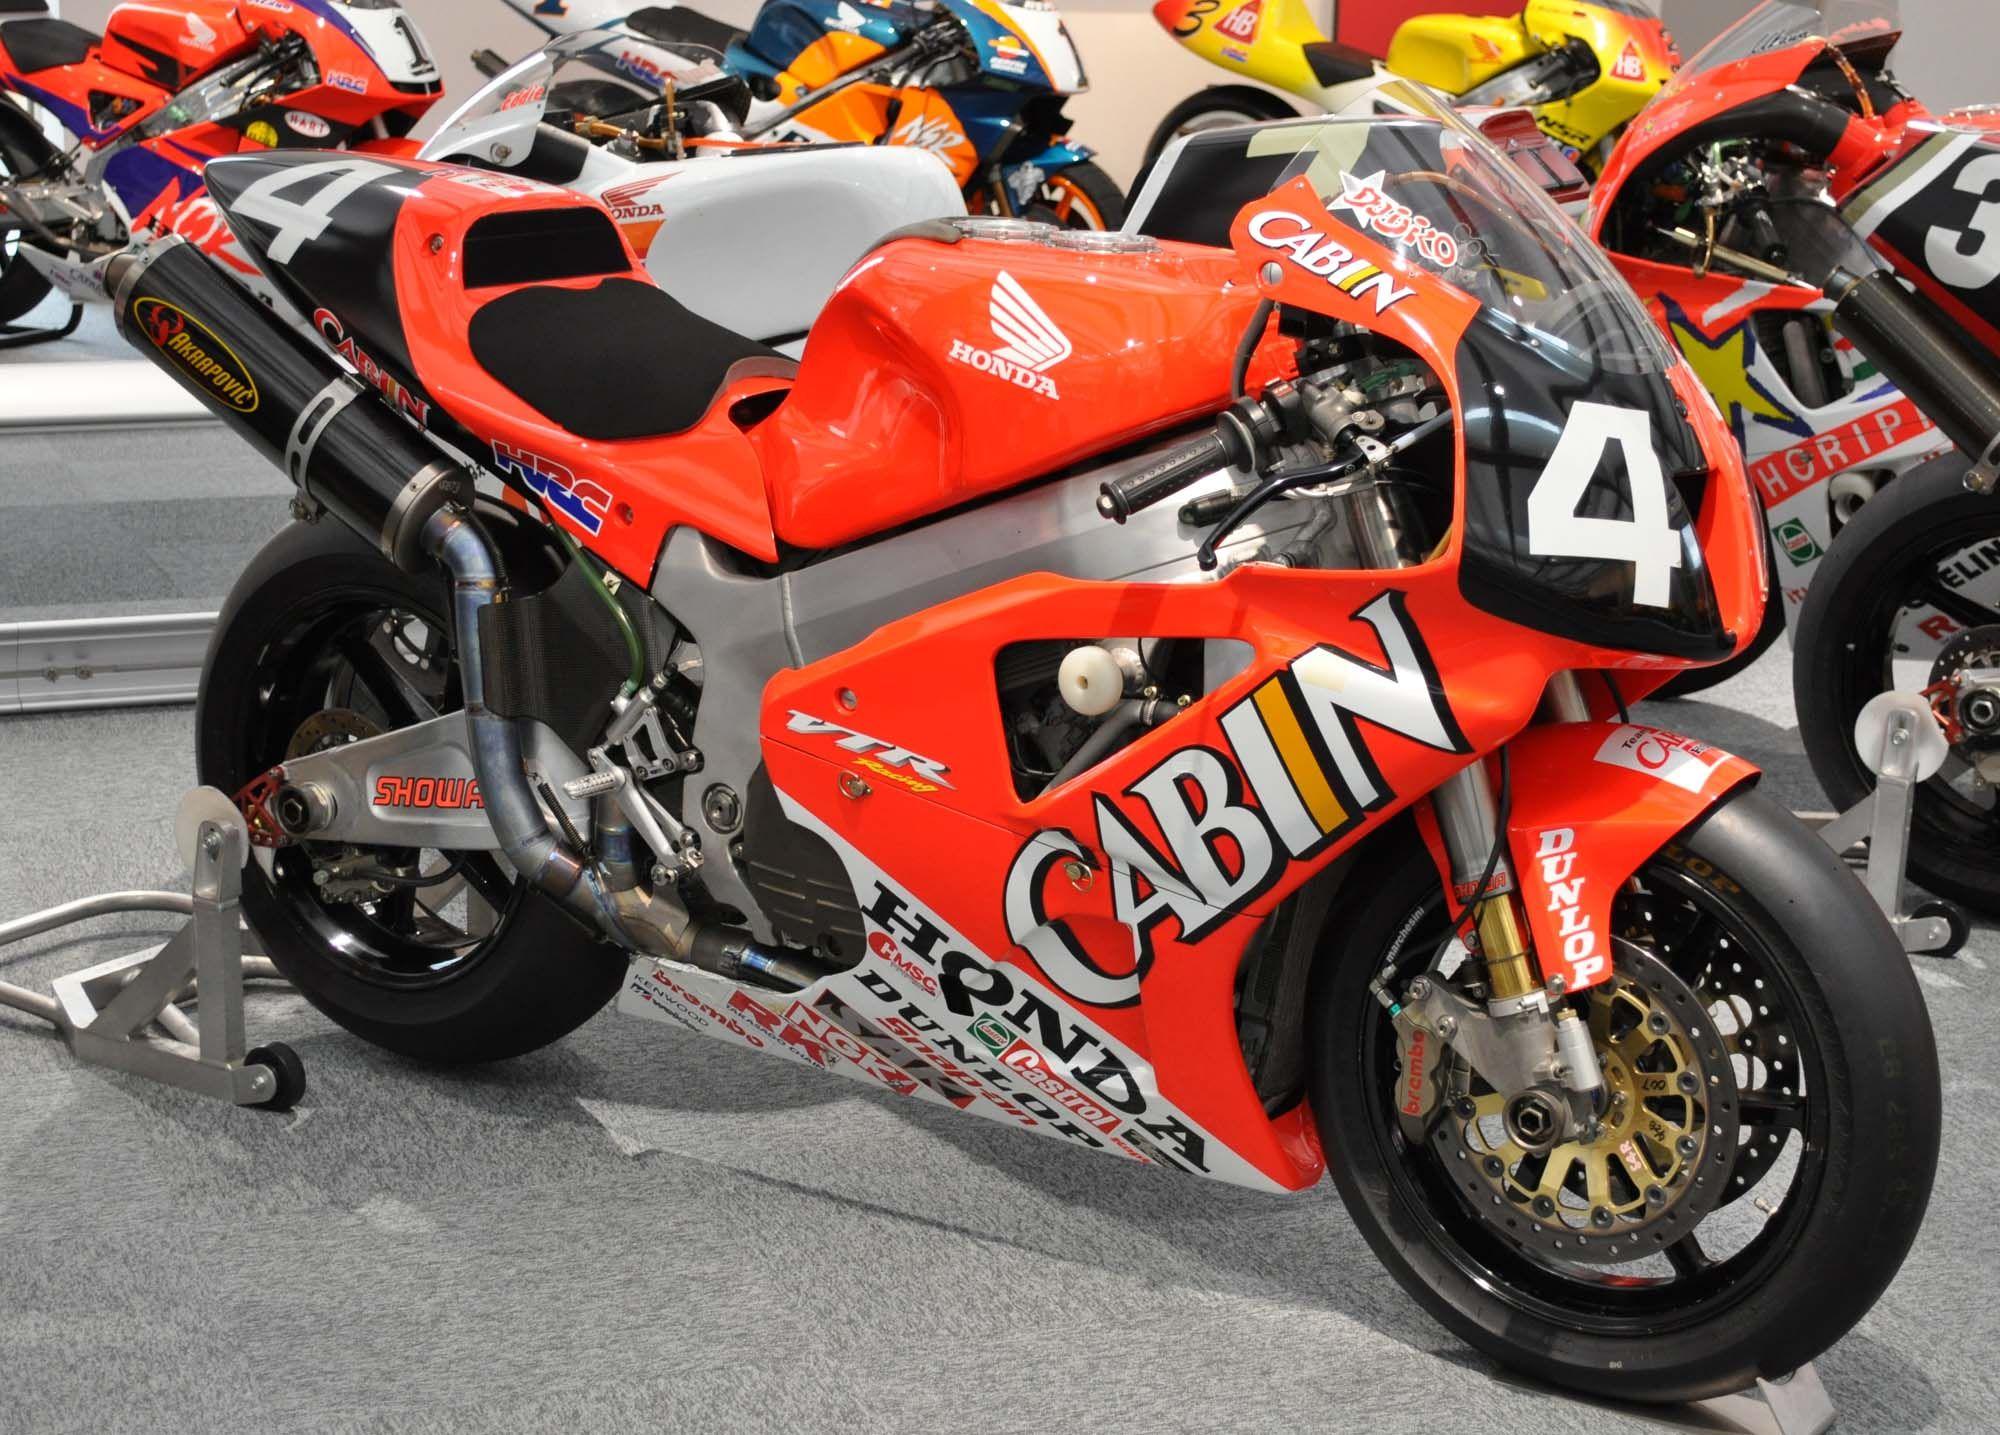 Honda_VTR1000SPW_2000.jpg 2000×1435 pixels